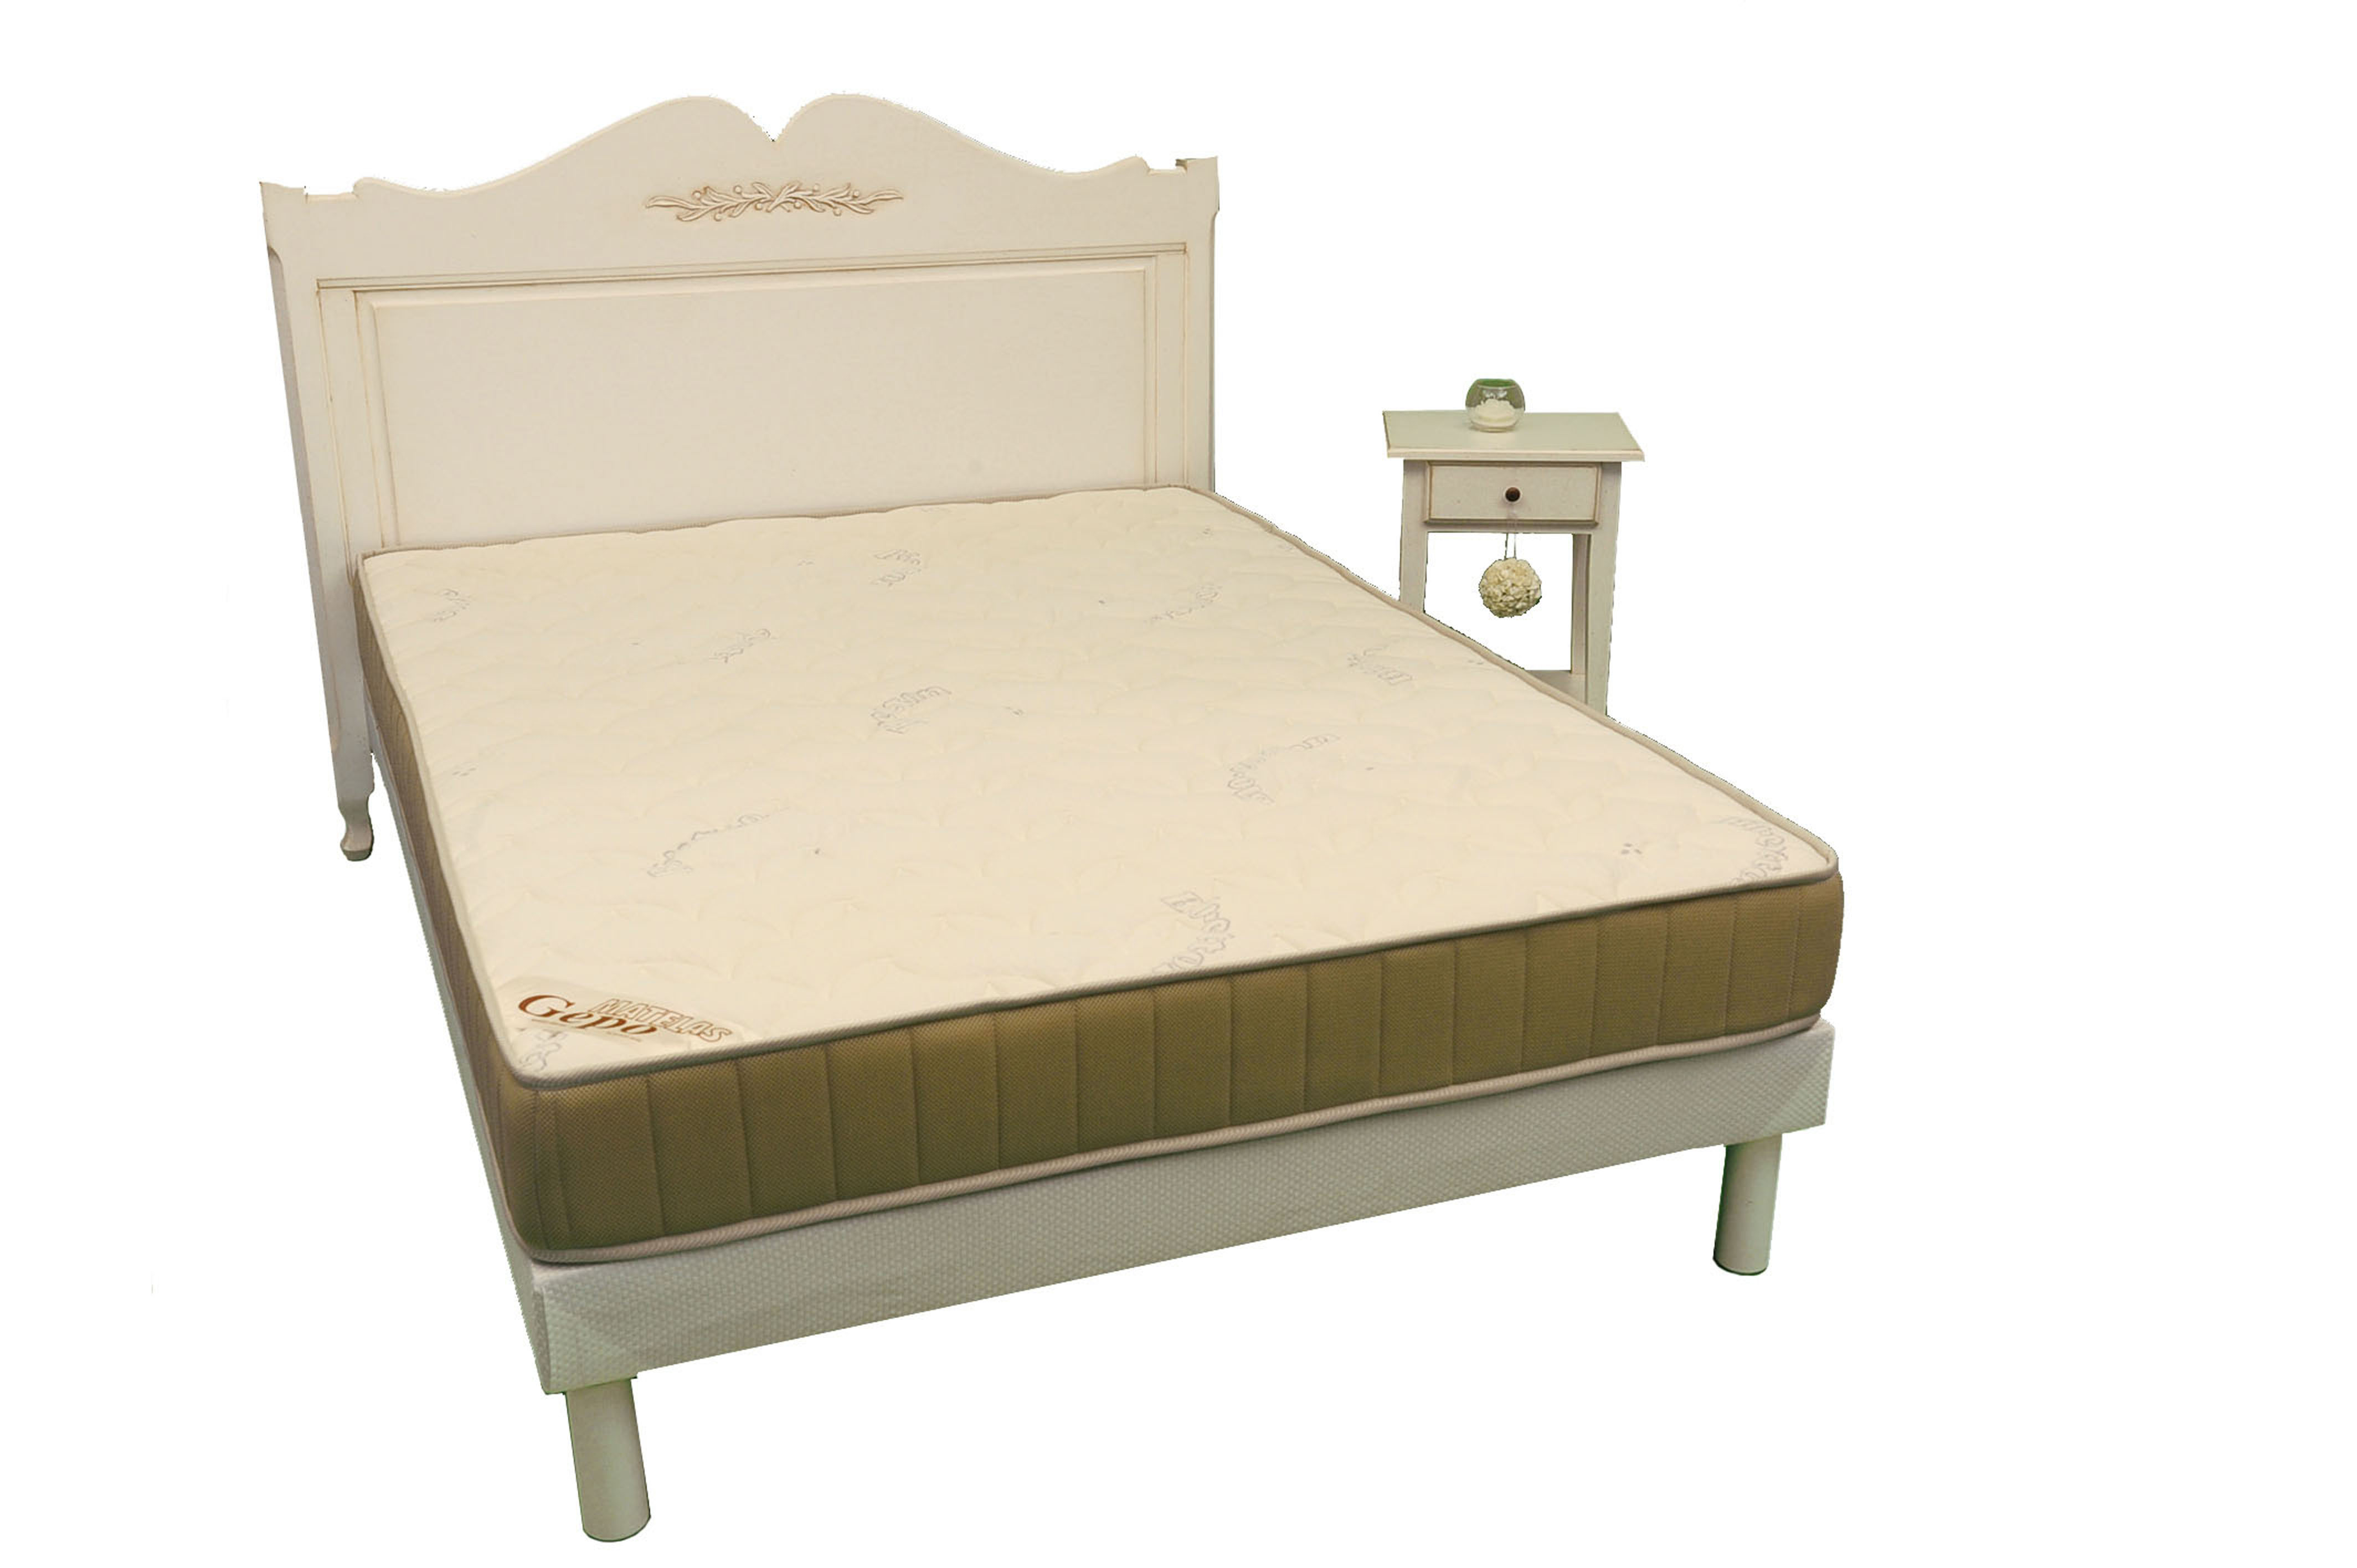 sommier lattes cadre bois orlando matelas gepo. Black Bedroom Furniture Sets. Home Design Ideas